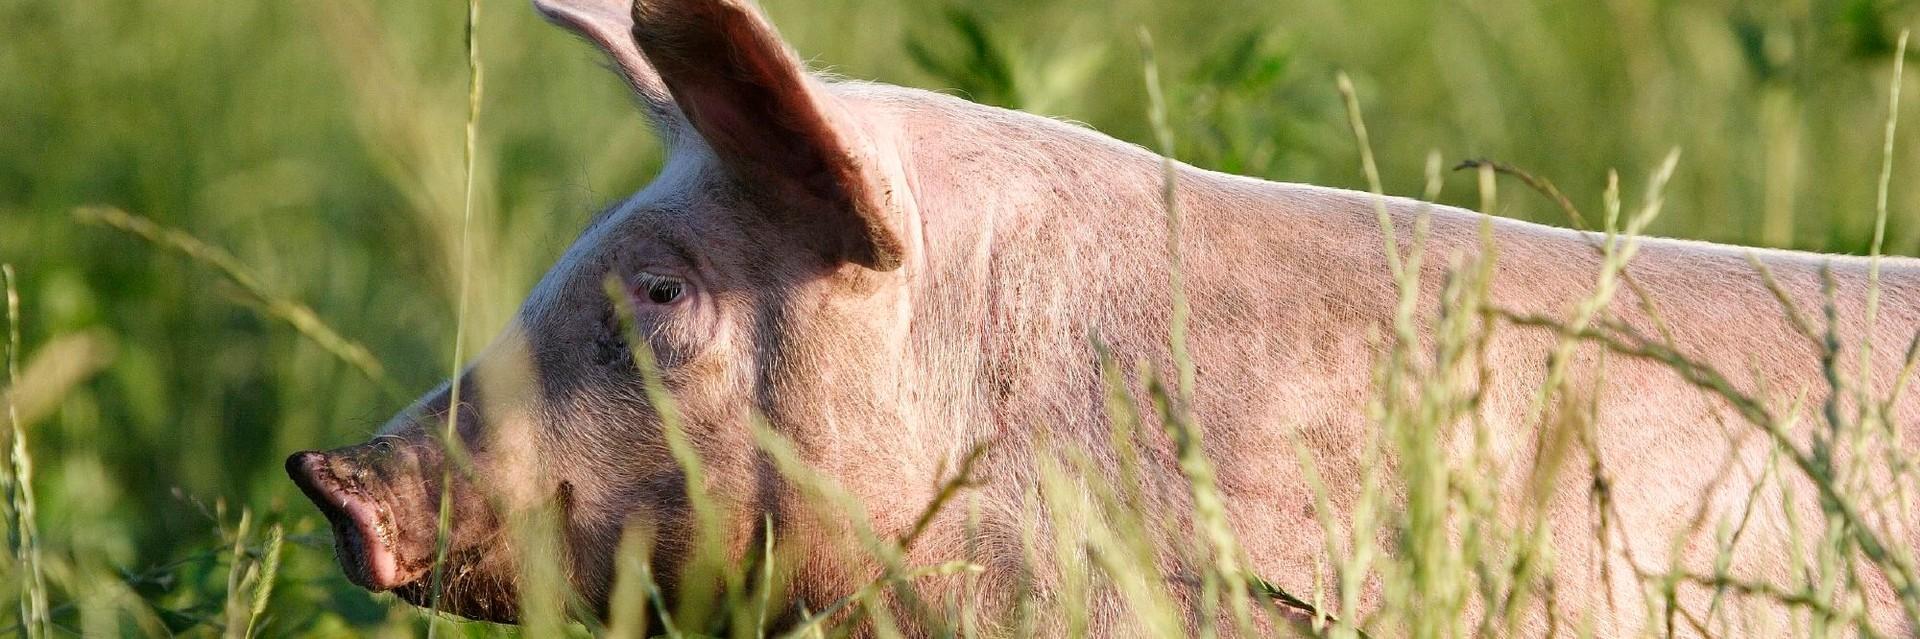 Schwein in Freilandhaltung